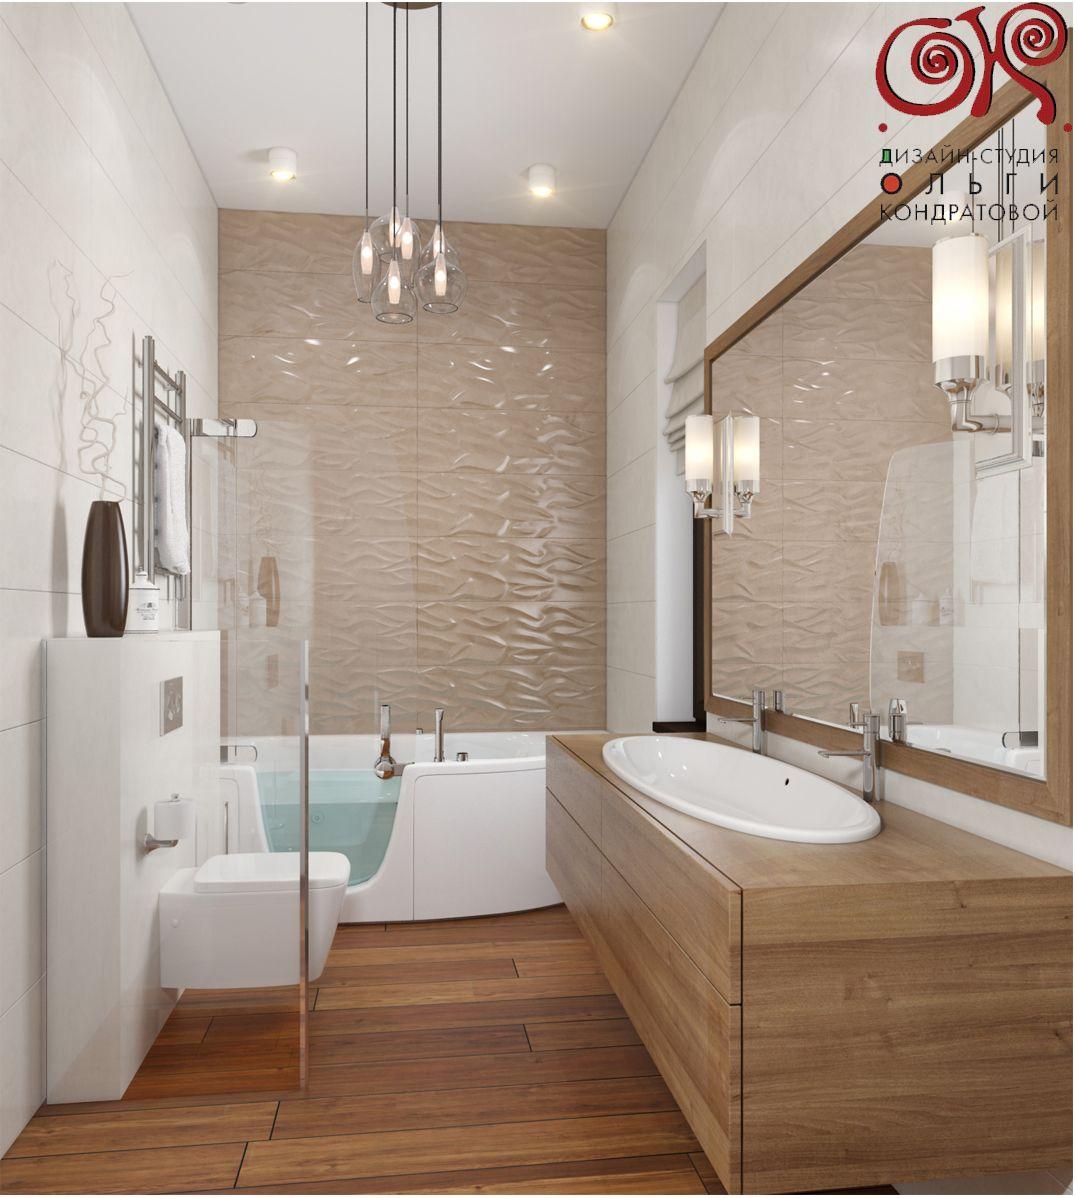 современные спальни дизайн: Salle De Bain, Deco Salle De Bain и